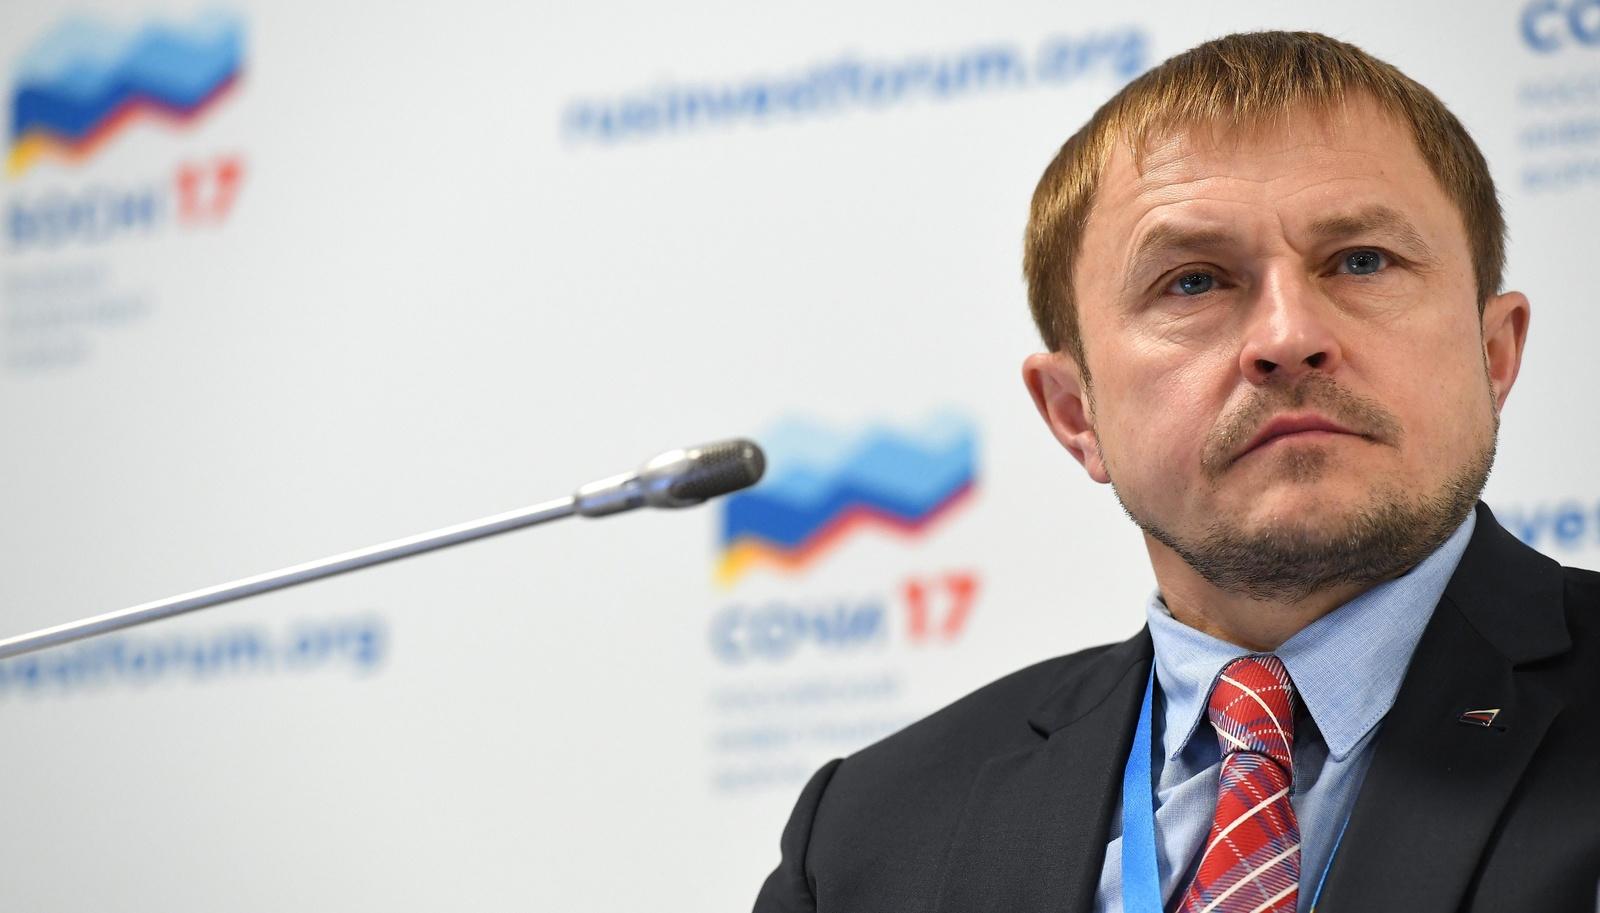 «ОПОРА РОССИИ» предложила Кабинету министров уменьшить размер штрафов для предприятий, которые находятся в Едином реестре субъектов МСП